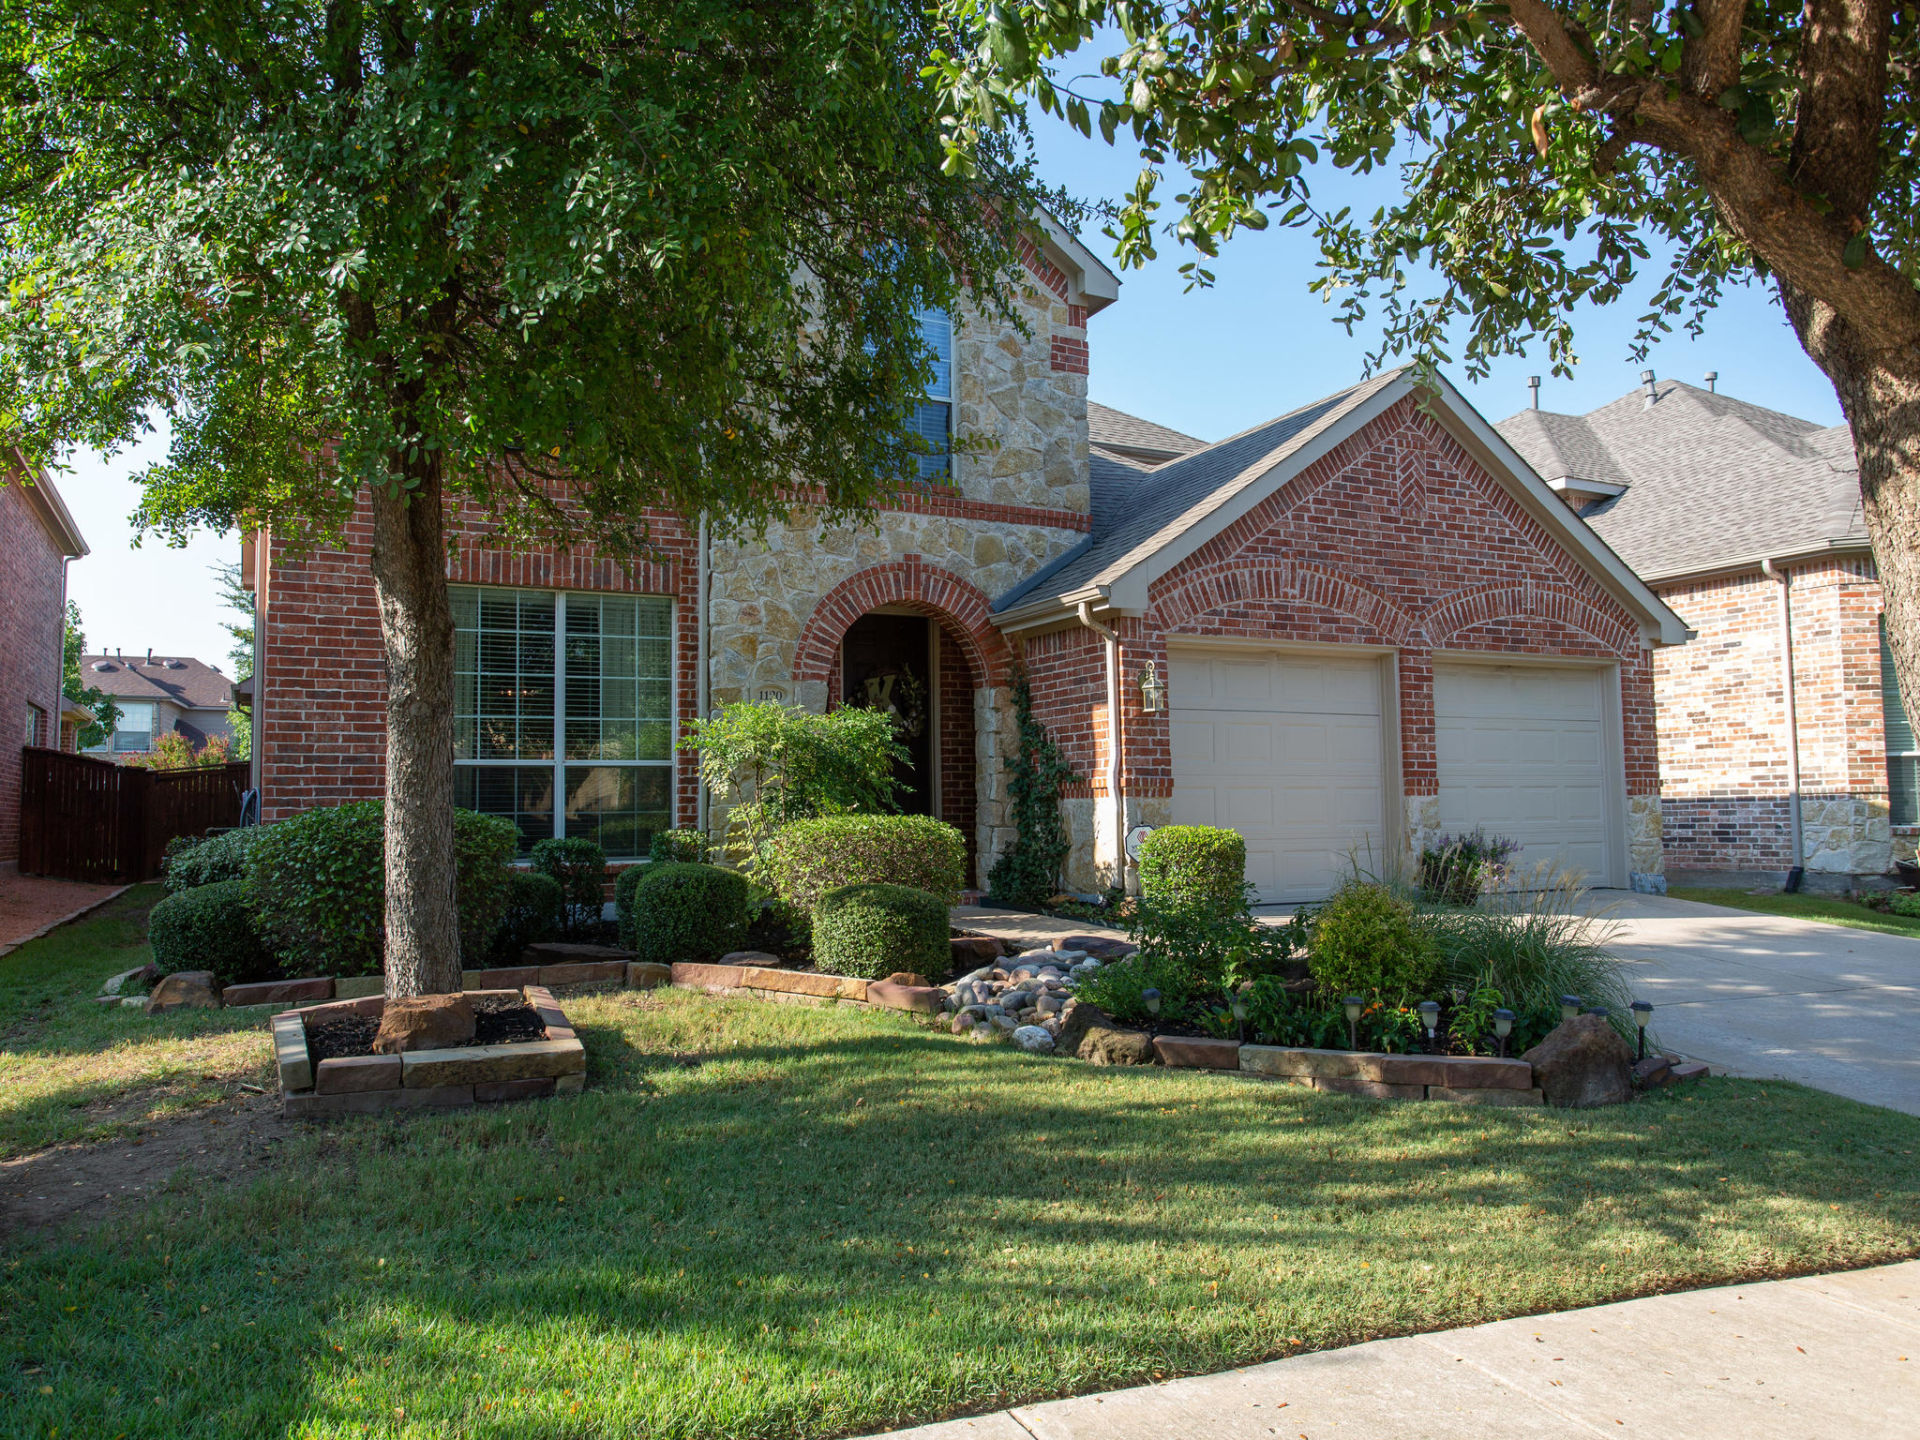 For Sale!! 1120 Dayton Dr. Lantana, TX 76226